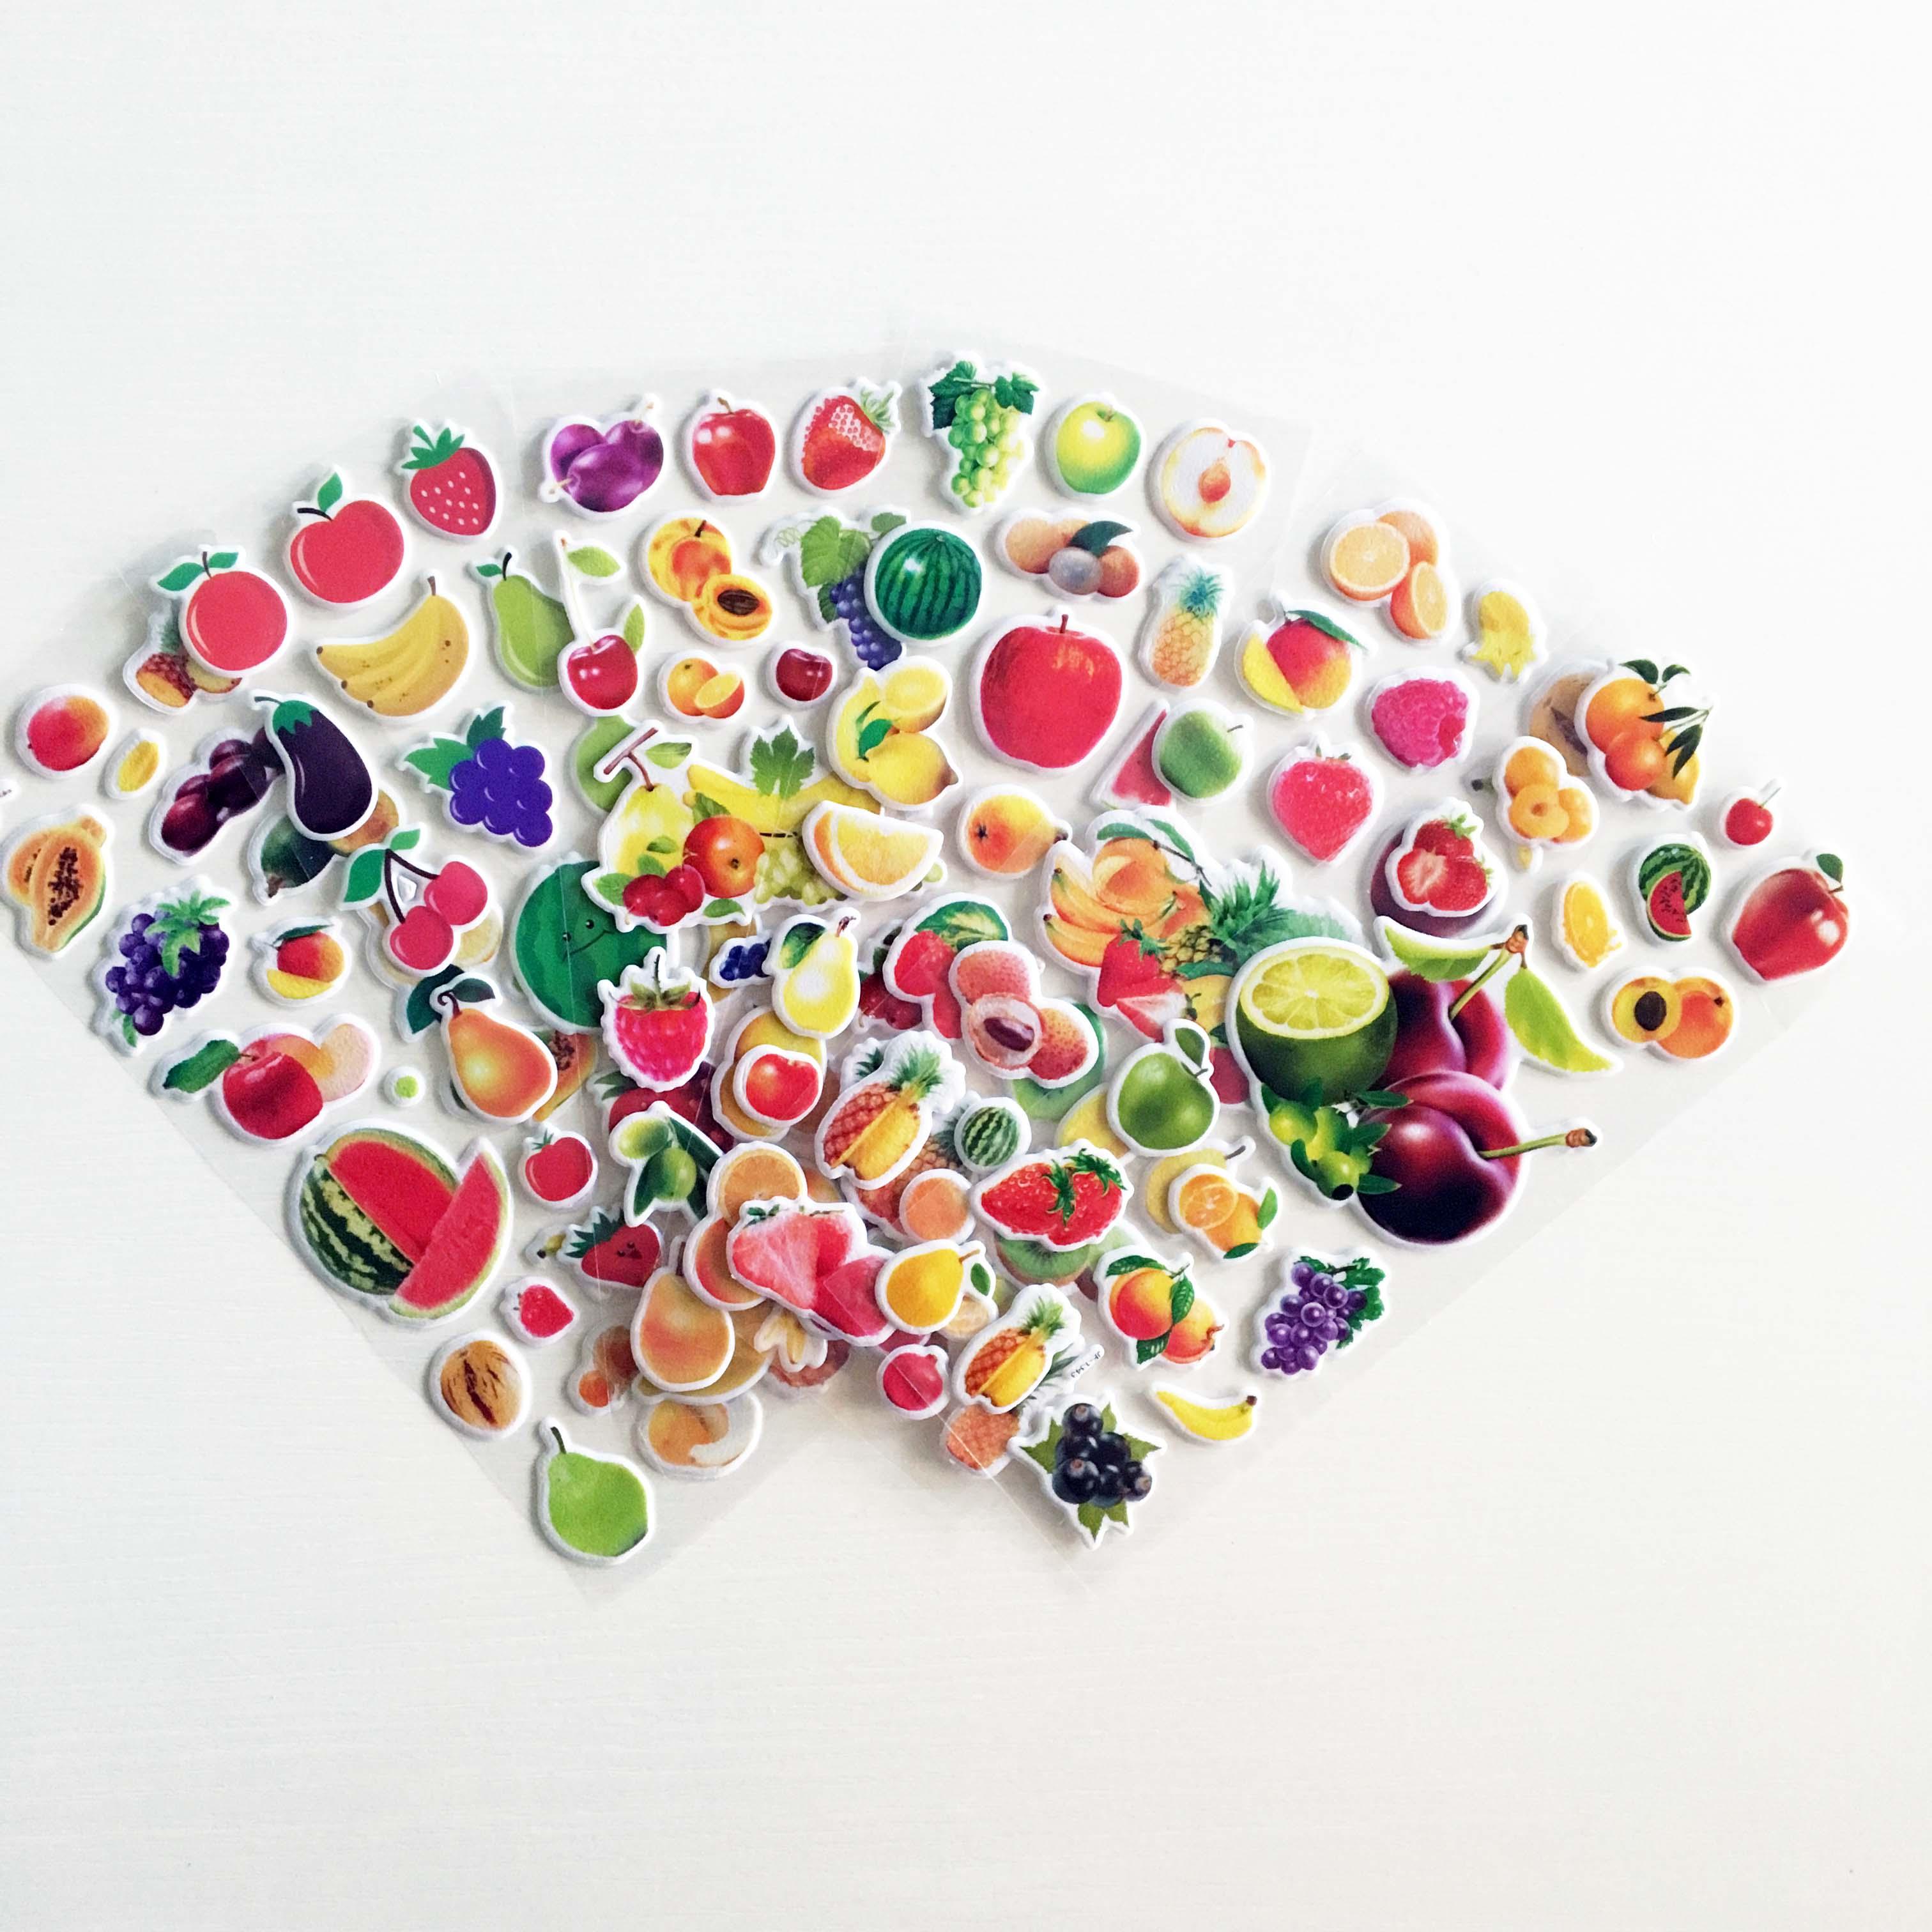 6 Pcs Fruits 3D Stickers Kids Children Girls Boys PVC Stickers Bubble Stickers Toy For Children Birthday Gift DIY